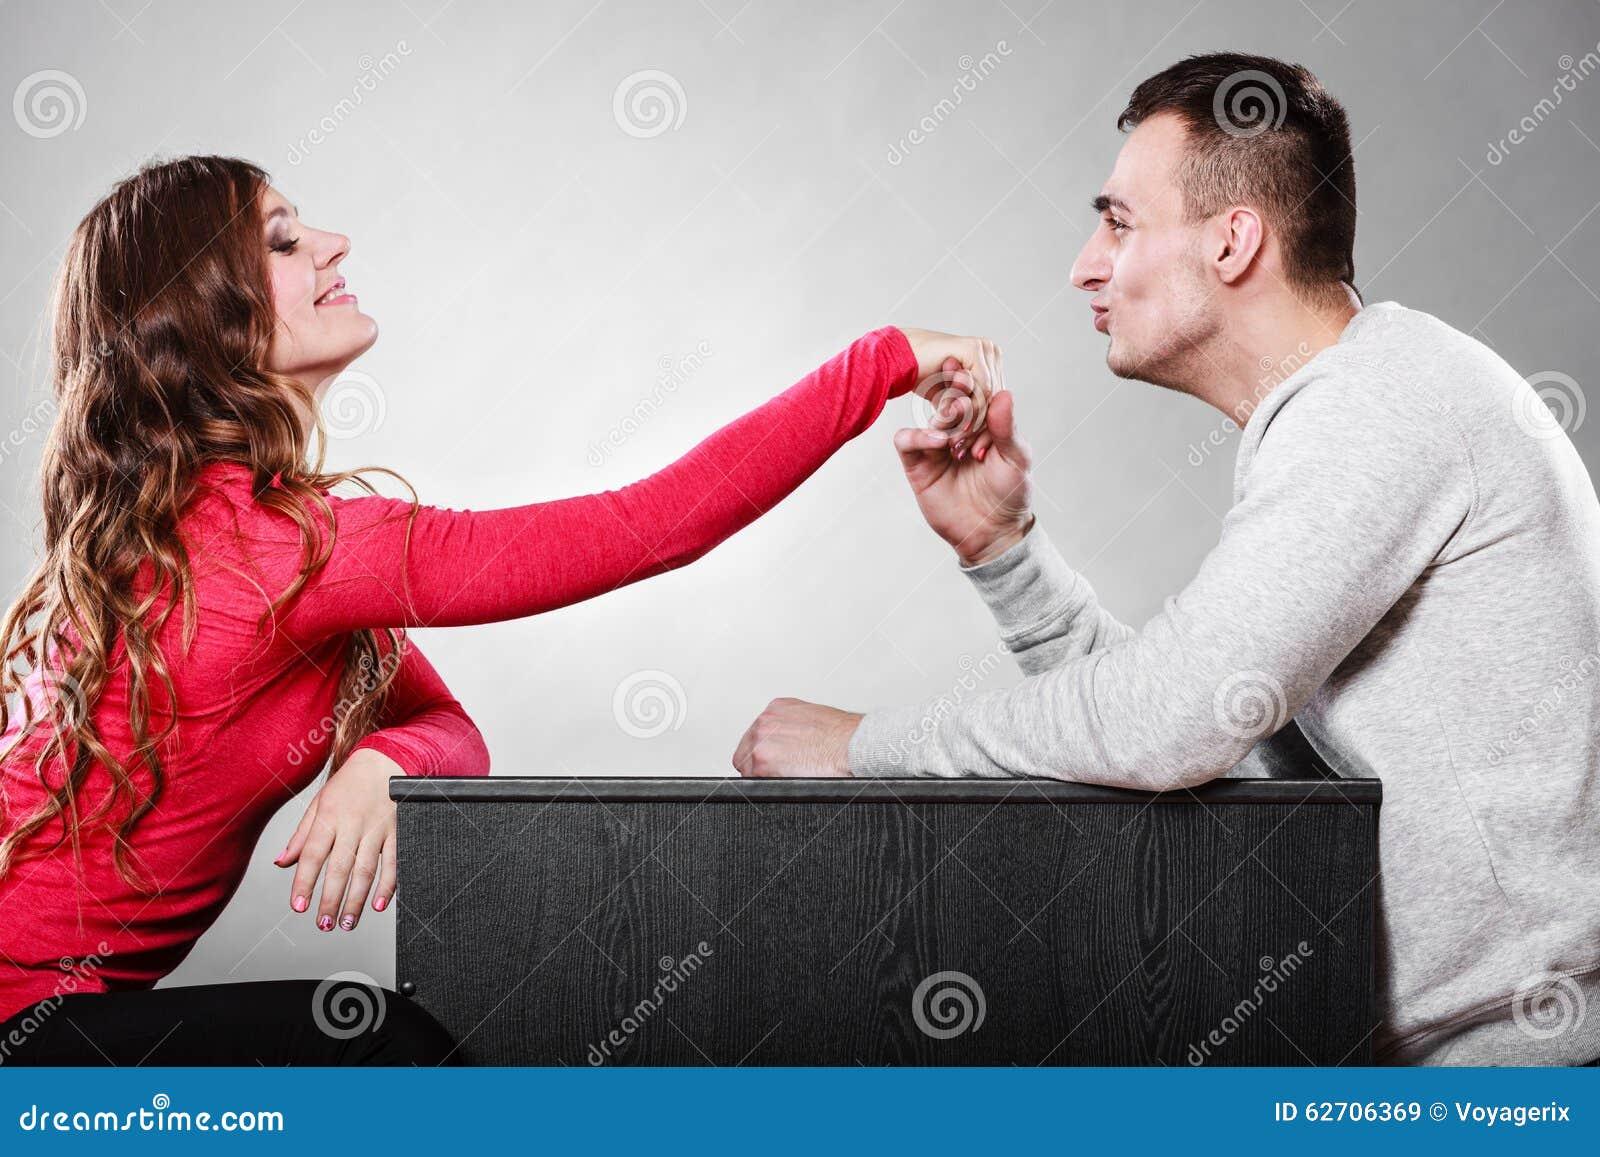 Χέρι γυναικών φιλήματος συζύγων ανδρών αγάπη ζευγών